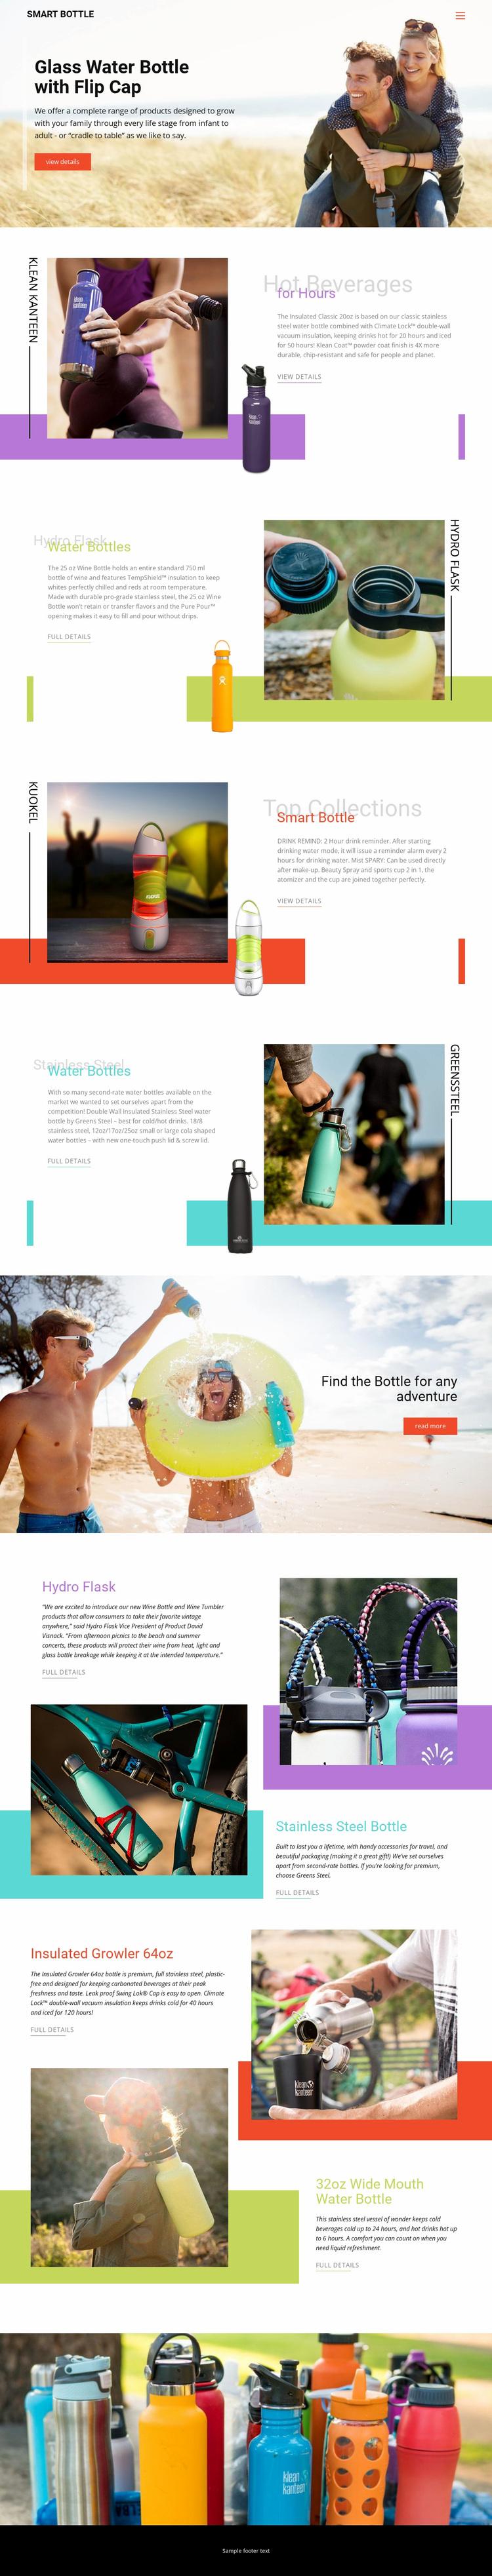 Water Bottles Website Design